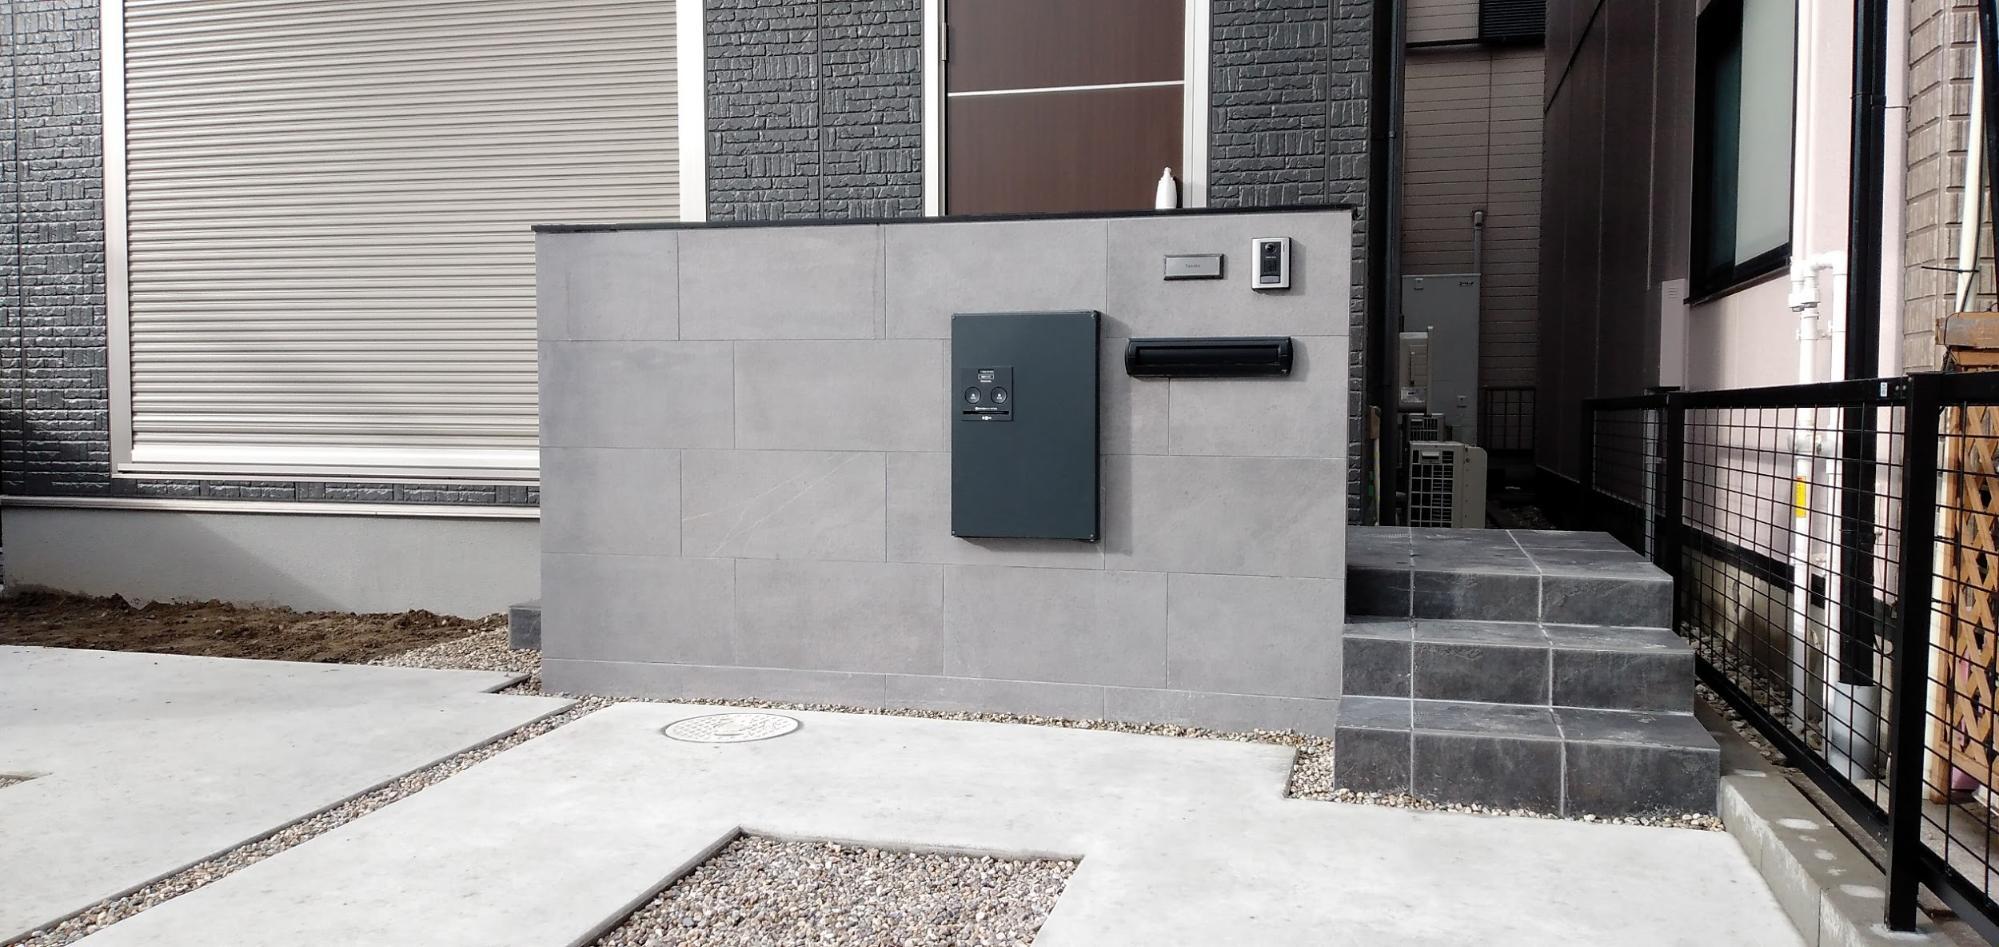 一宮市のシンプルモダンな駐車場や宅配ボックスがあるご自宅3